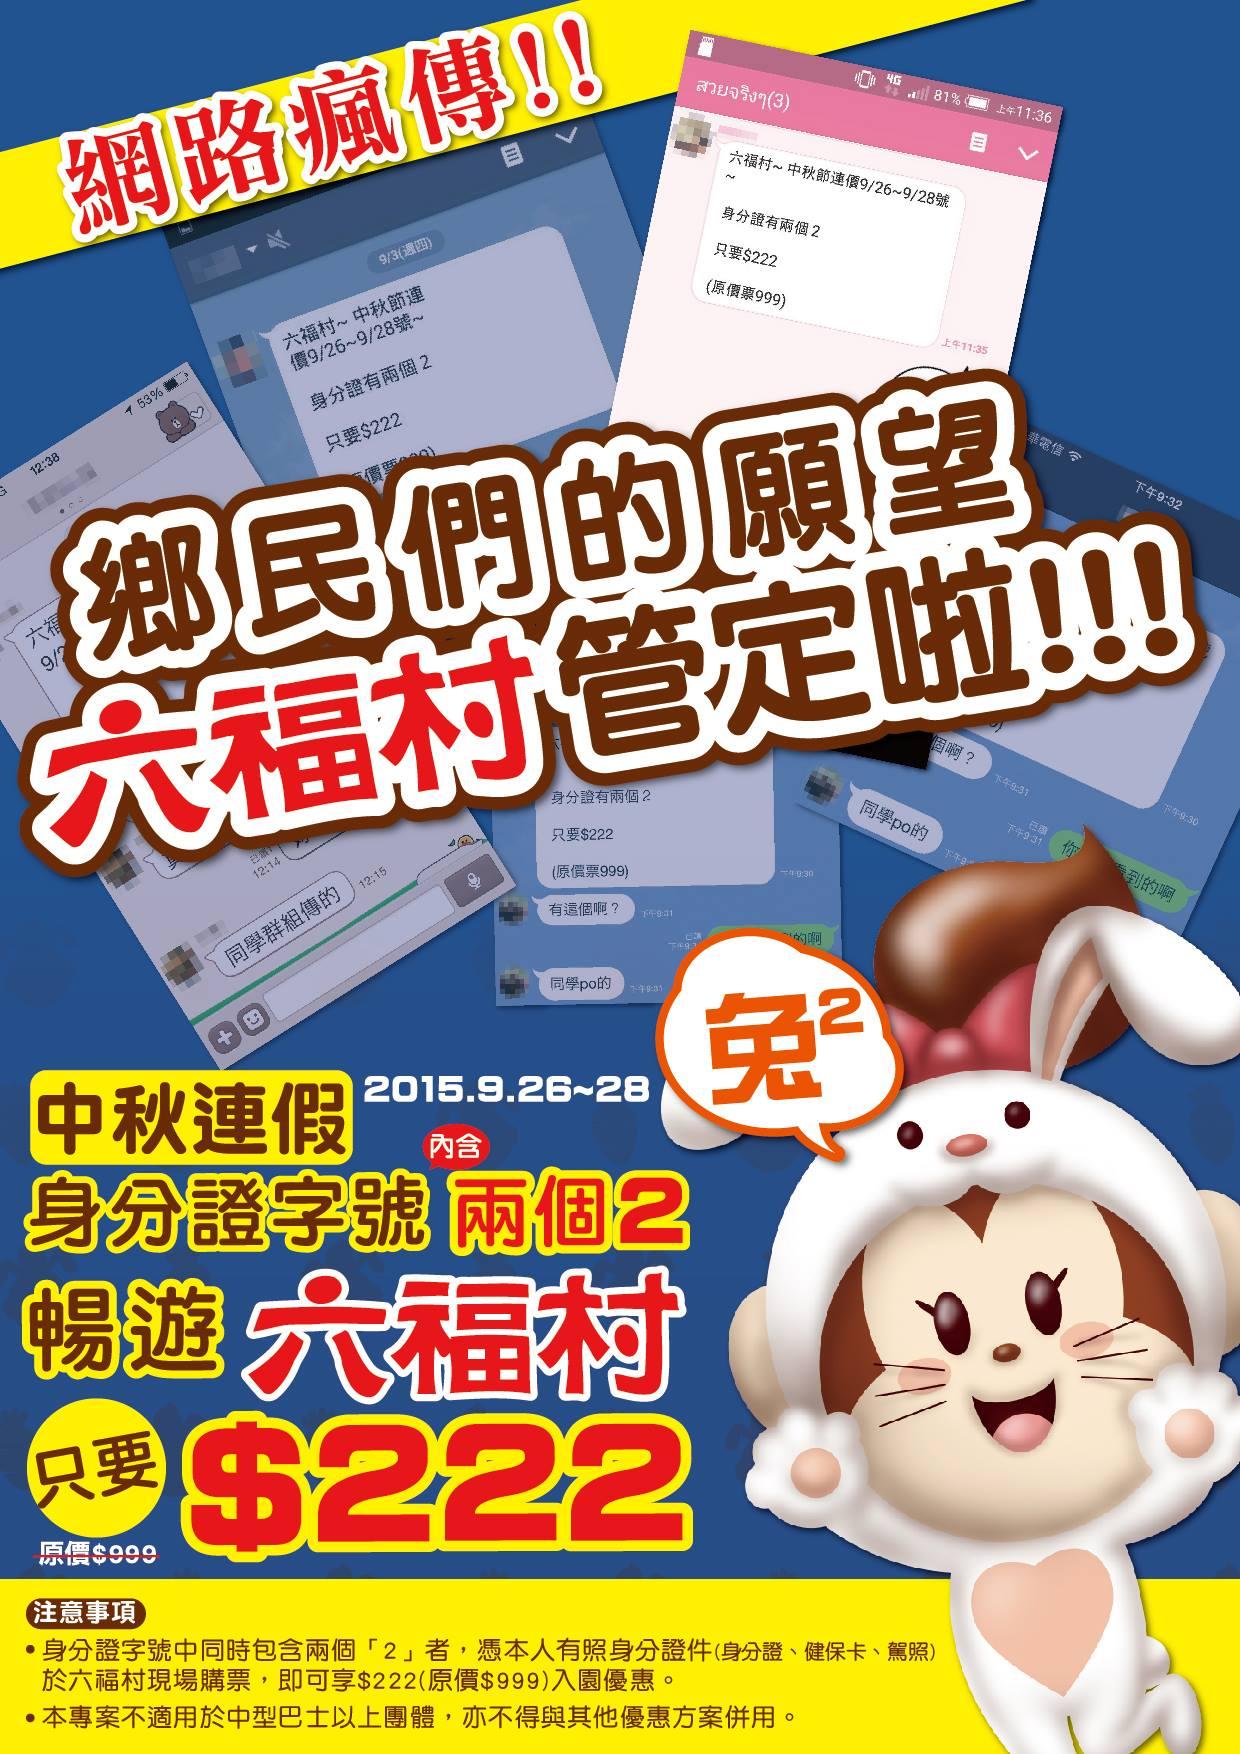 六福村 222 中秋連假優惠 身份證號碼有兩個2只要222元